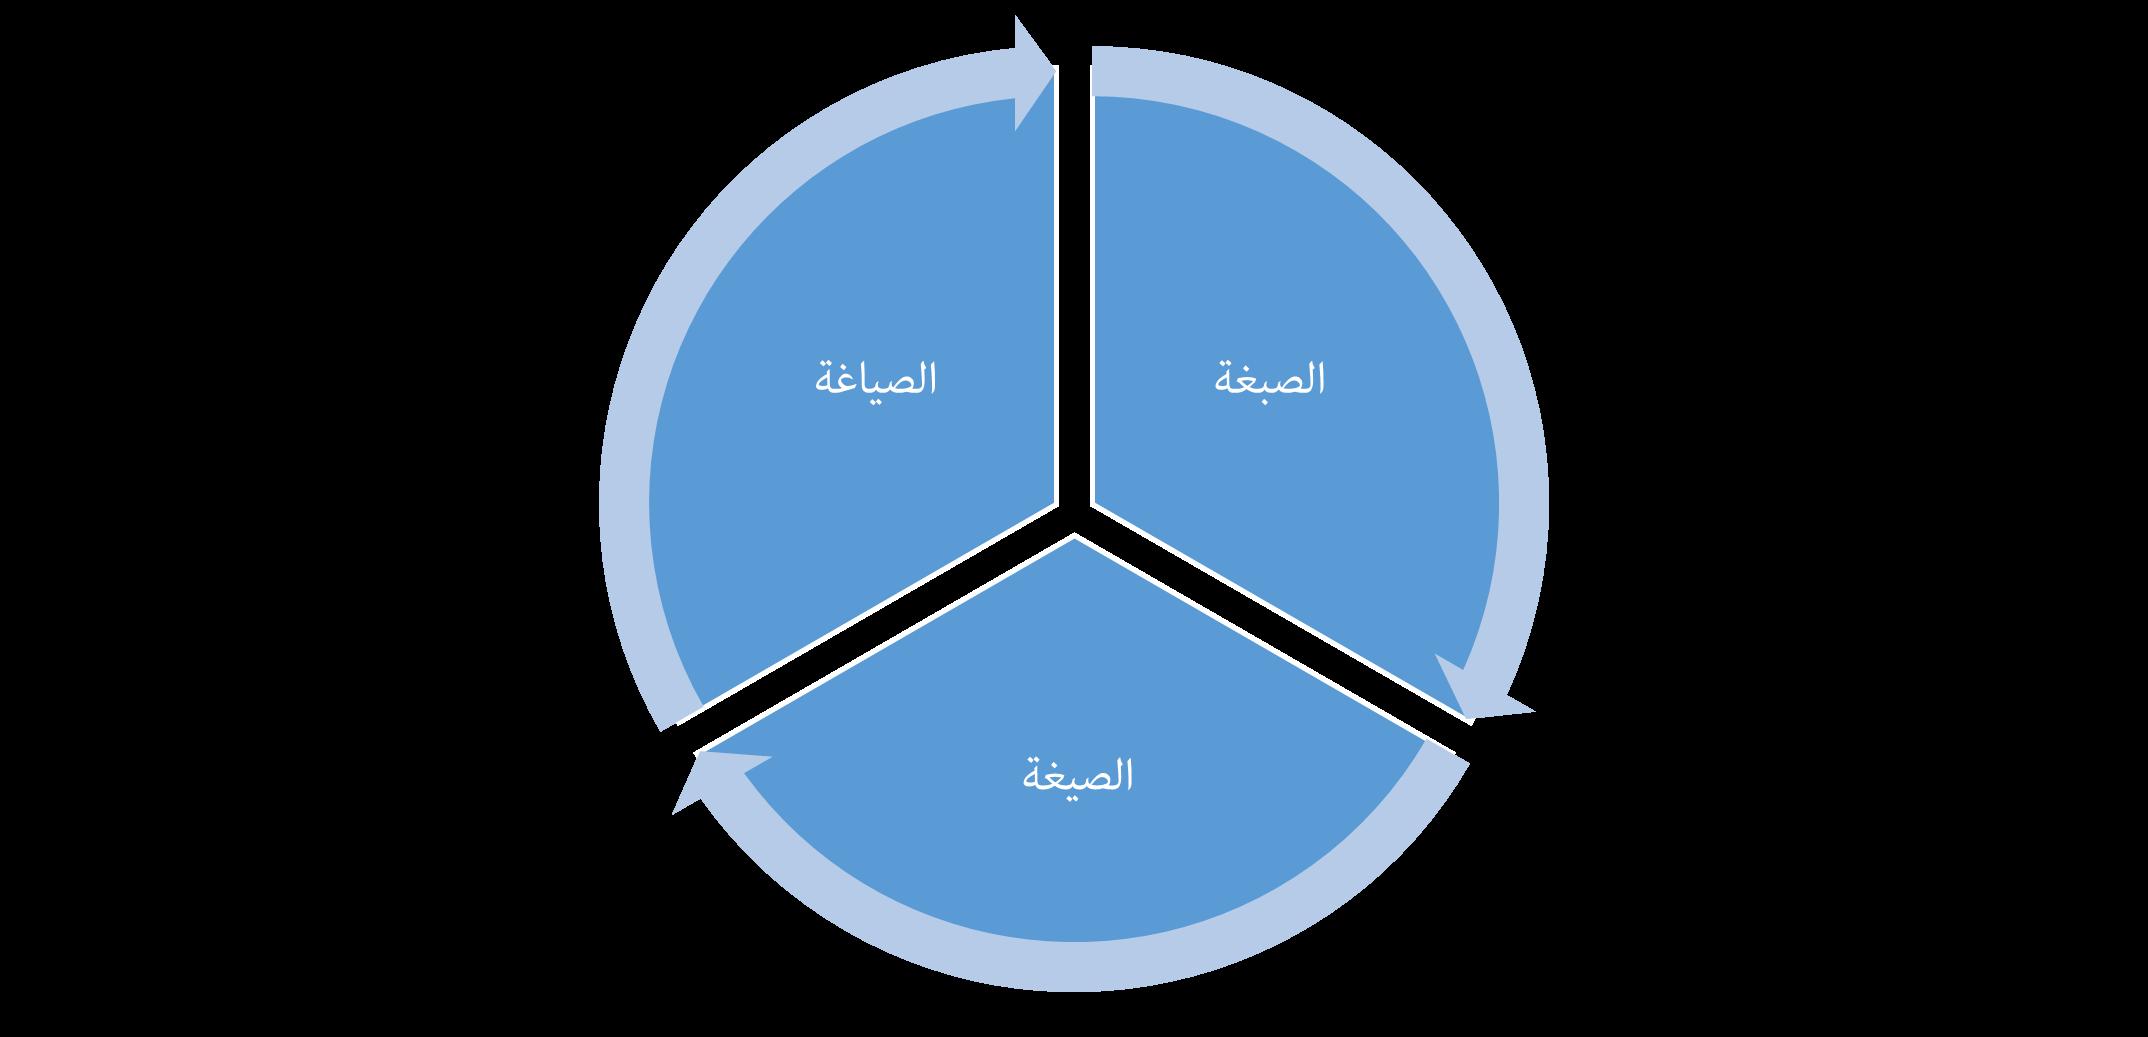 الإطار المنهجي بين الإمكانات الغربية المتاحة والمنهاجية الأصيلة والبديلة-3